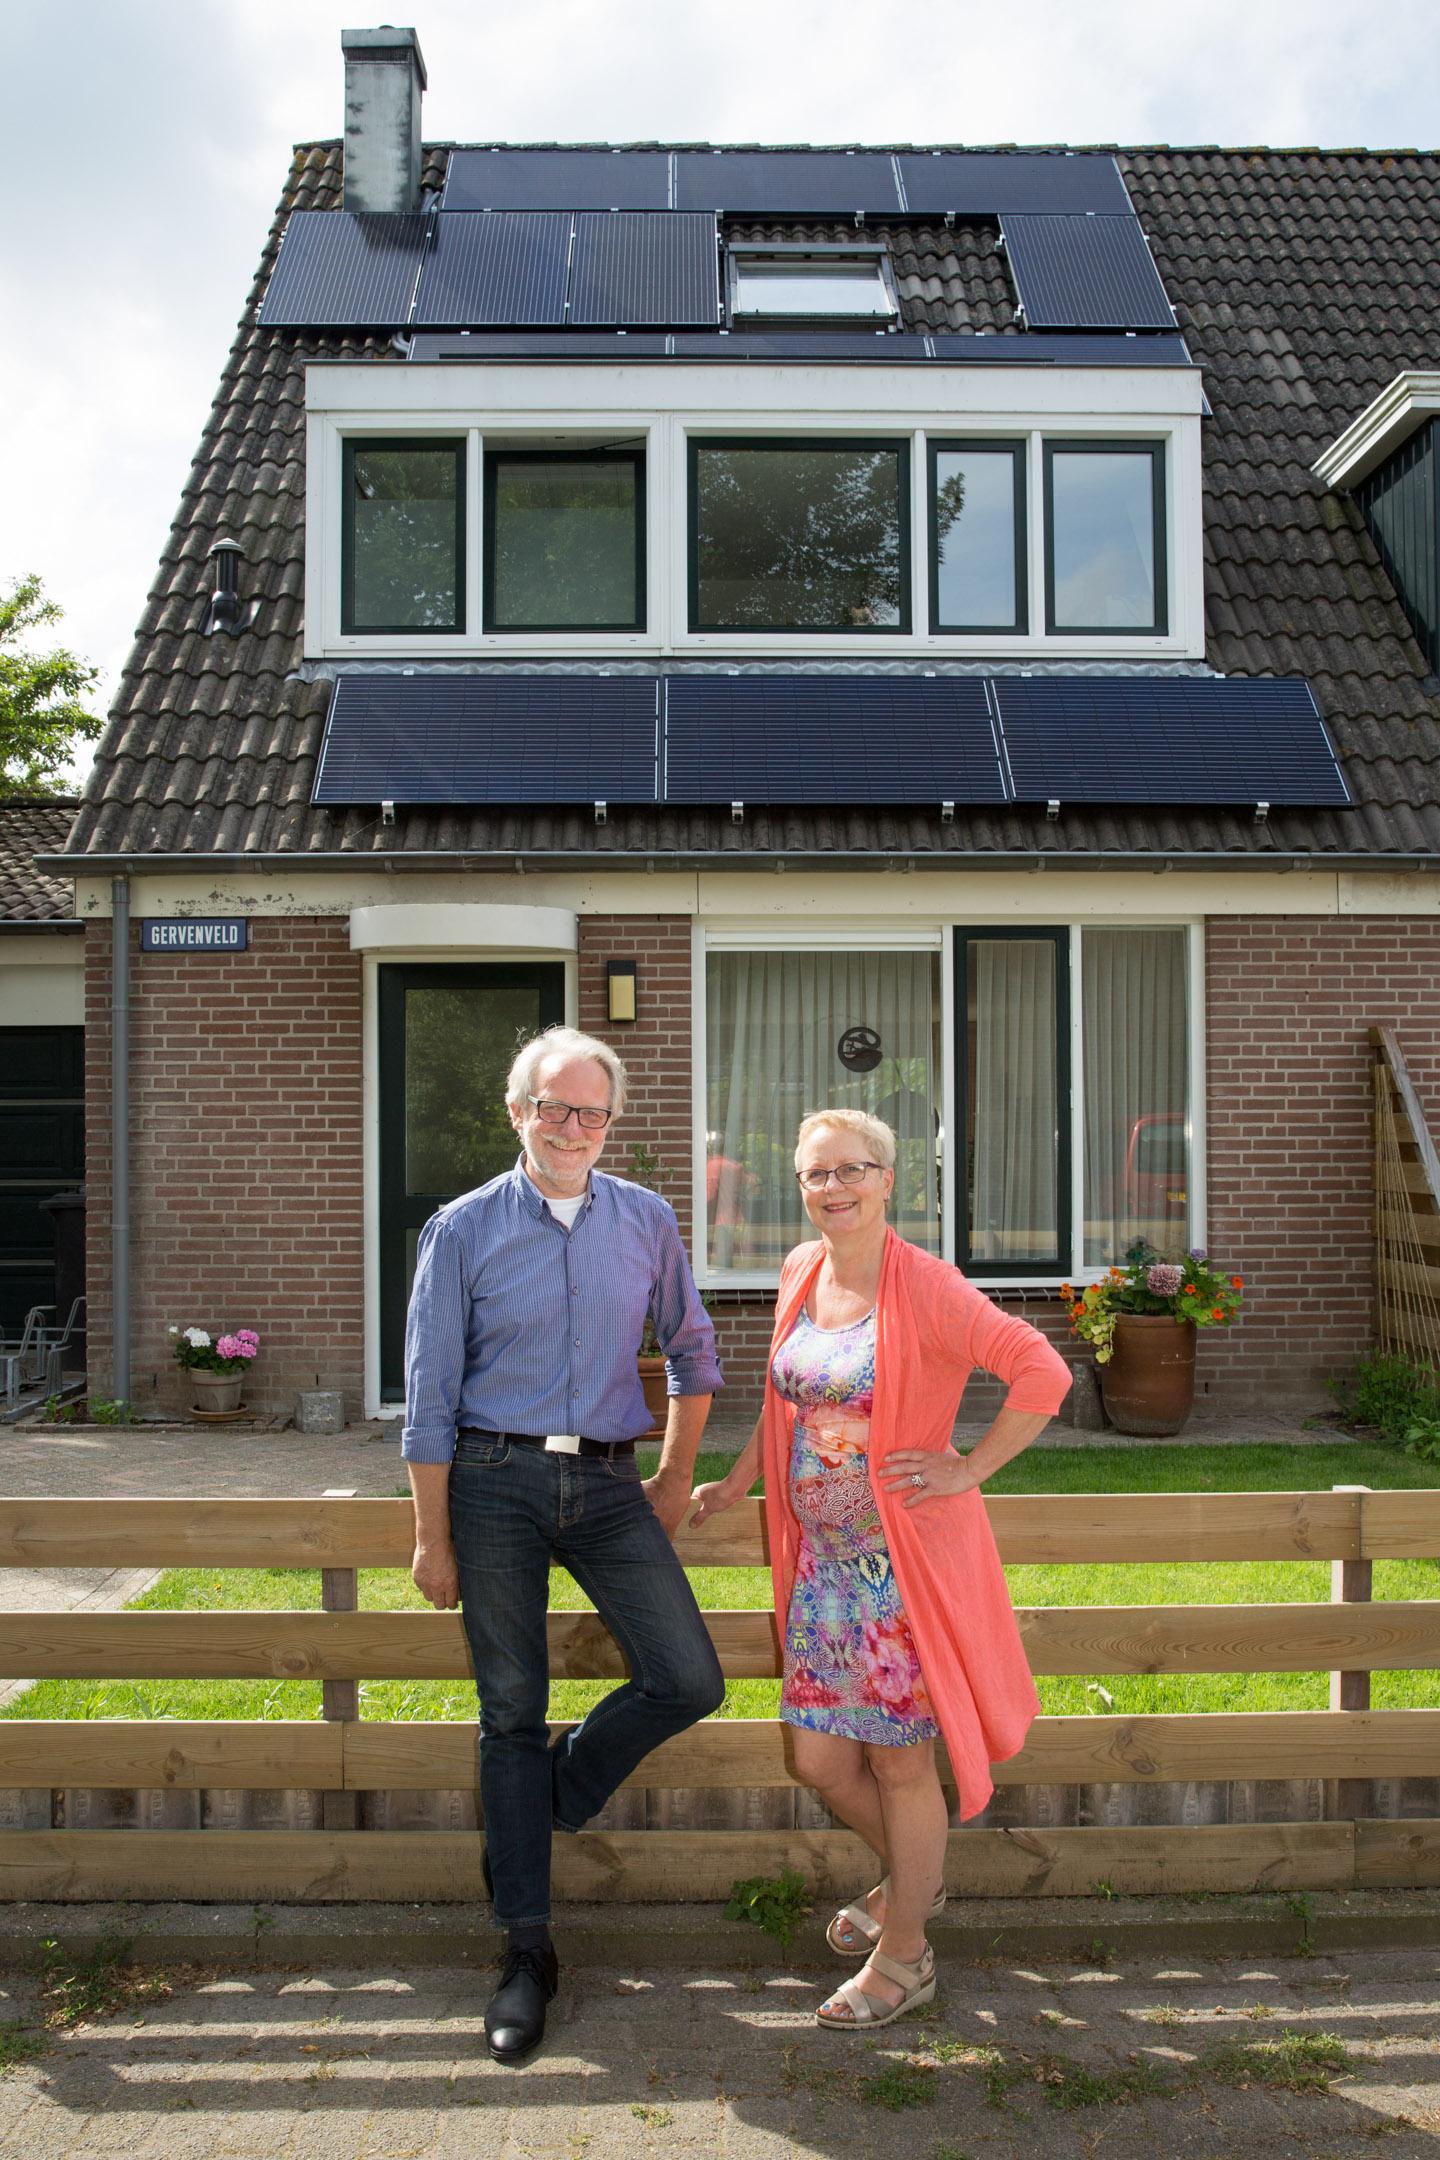 Energieneutraal-huis-woonwijk-wonen-thuisbaas-credit-Chantal-Bekker-GraphicAlert-66-zonnepanelen-dak